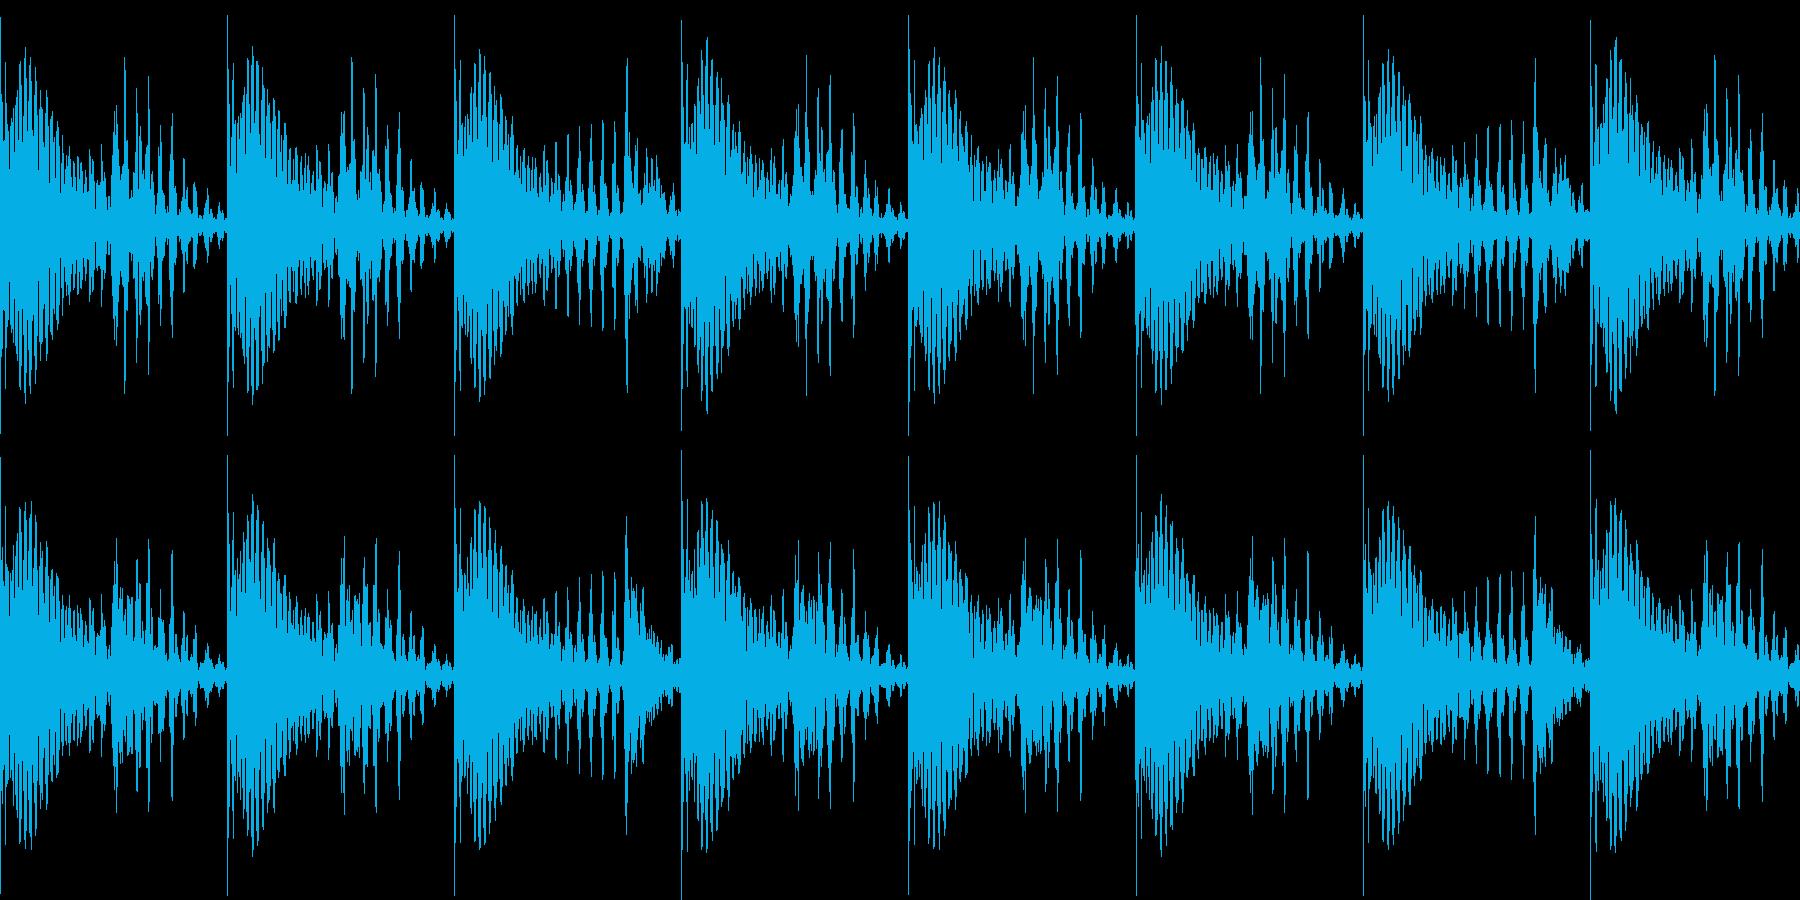 BPM128EDMリズムループキーEの再生済みの波形